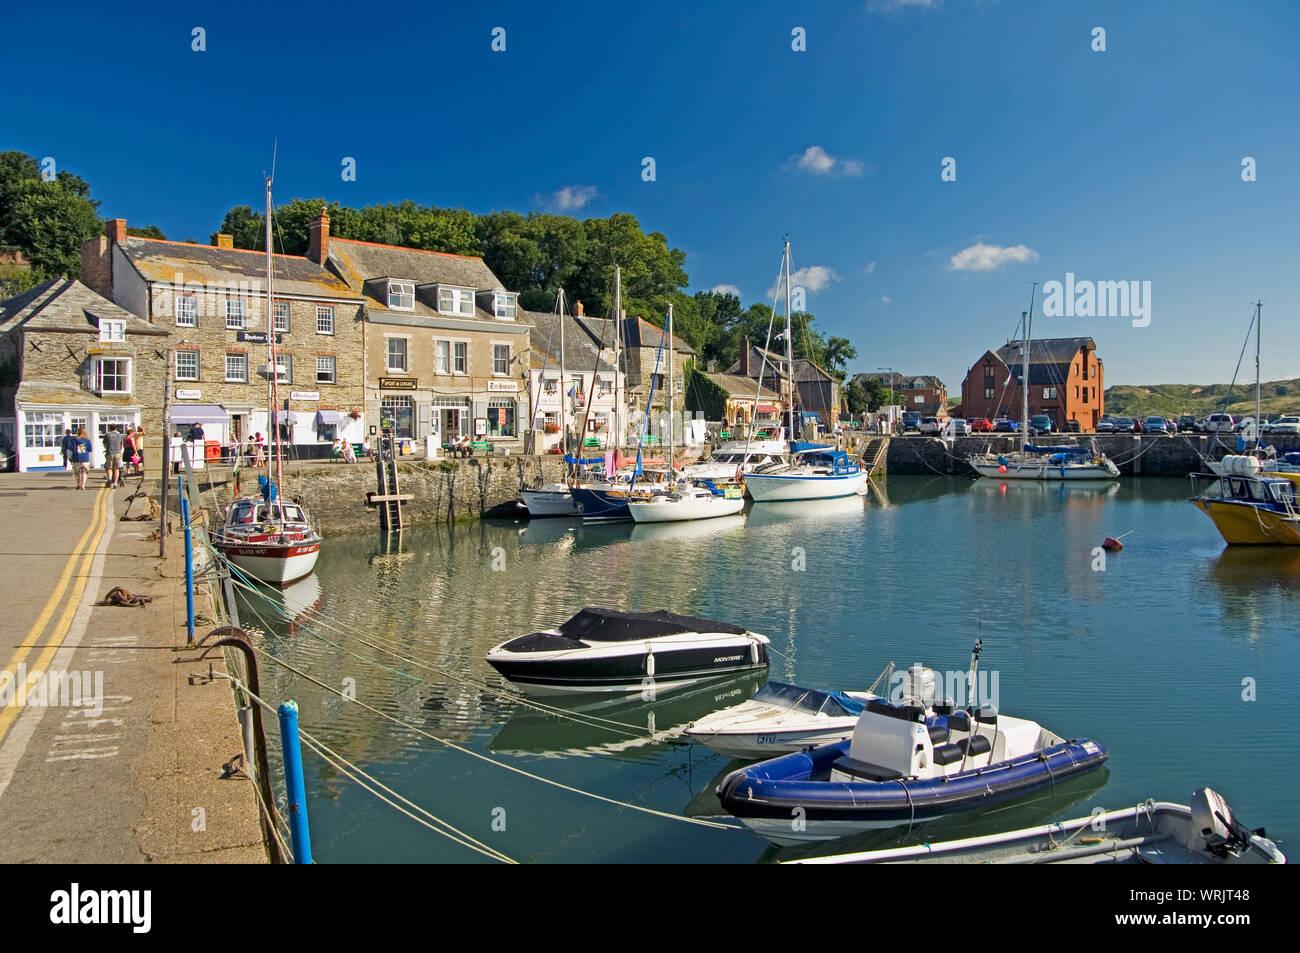 El hermoso puerto en Padstow, Cornualles, Inglaterra, donde barcos de pesca yacen al lado de yates de lujo Foto de stock